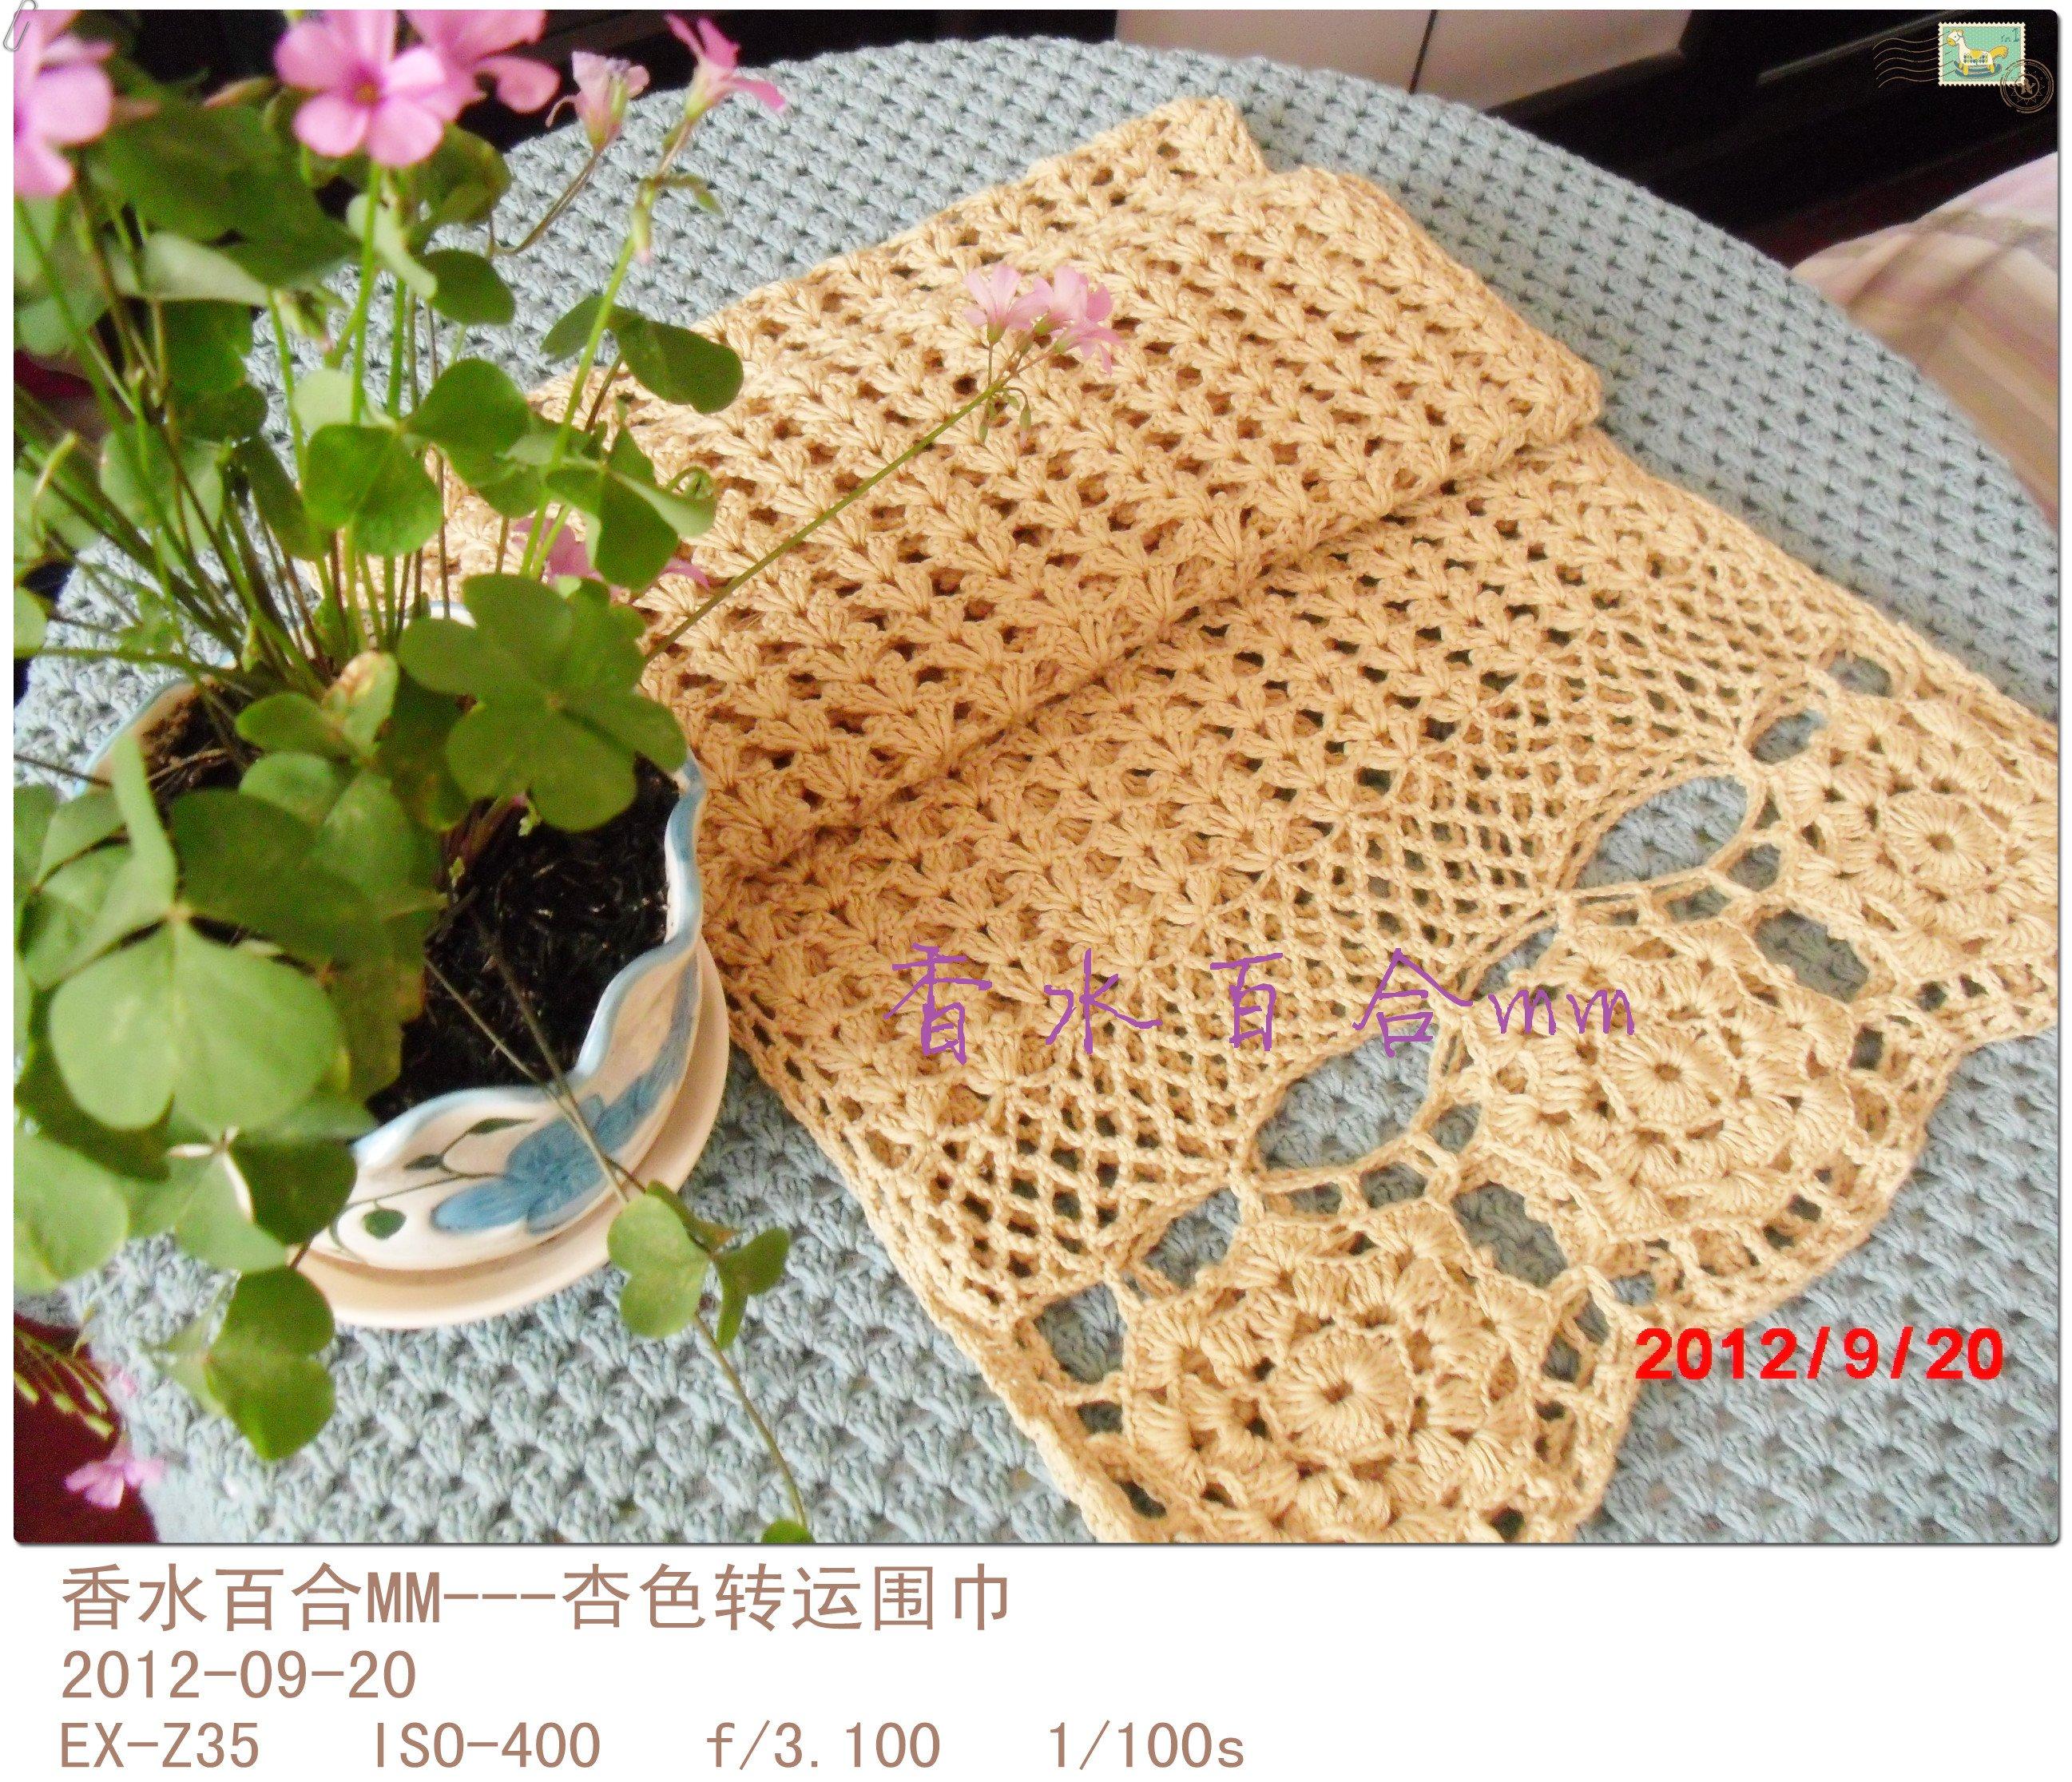 香水百合MM---杏色转运围巾1.jpg